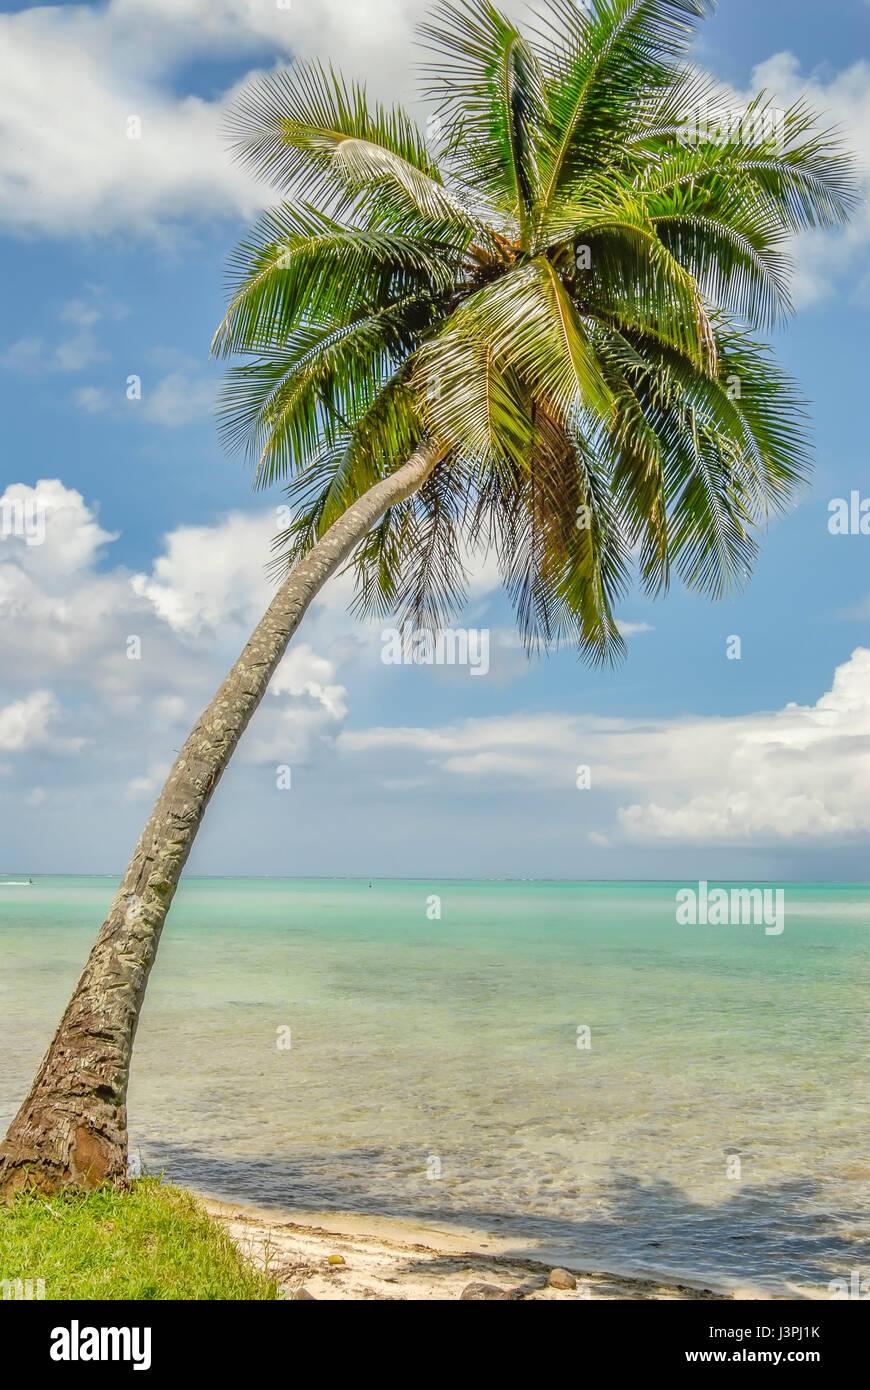 Unica Palma nel cielo blu di Bora Bora Polinesia Francese Immagini Stock